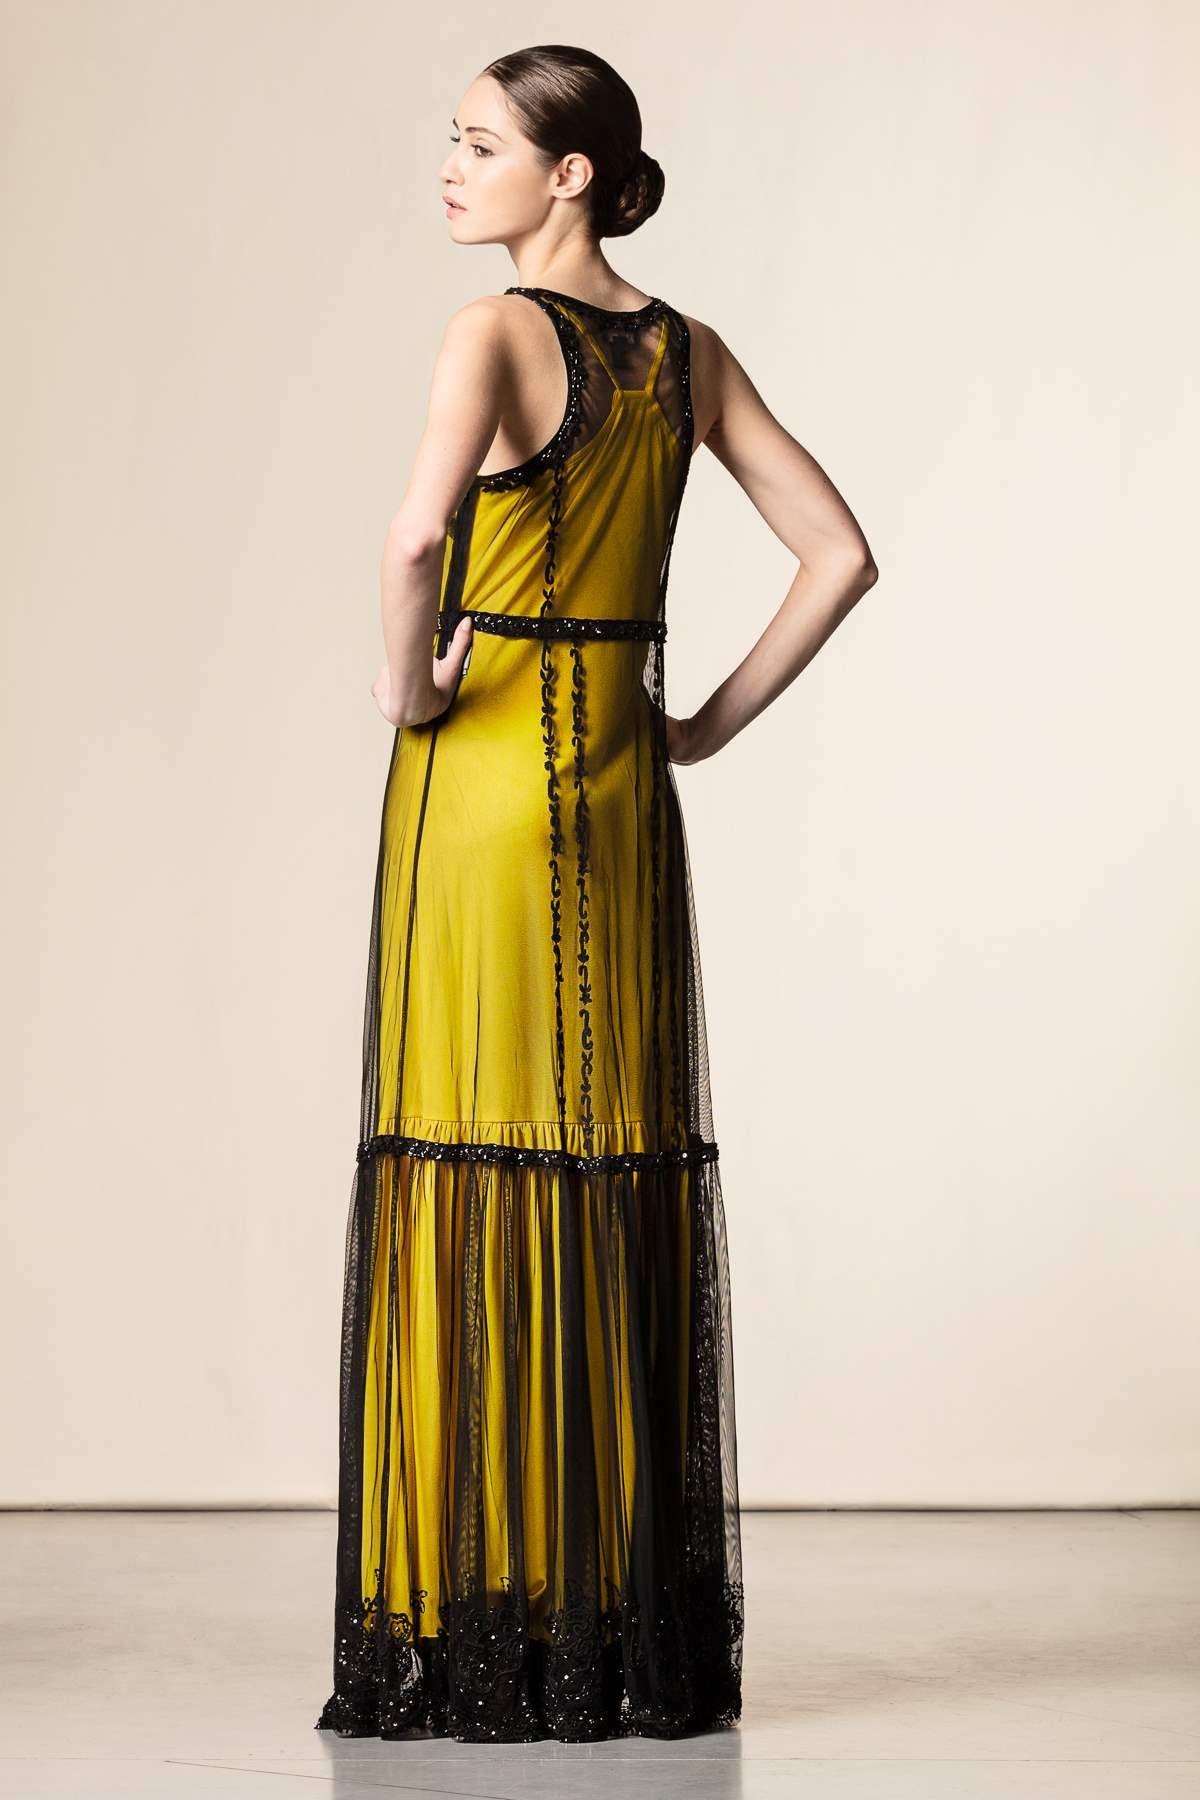 Vestito lungo con tulle e pietre nero giallo - Abiti lunghi - Abbigliamento  - Collezione Donna.  fashion  perfectdress  event  shopping  shoponline ... 0c5d771ec7a